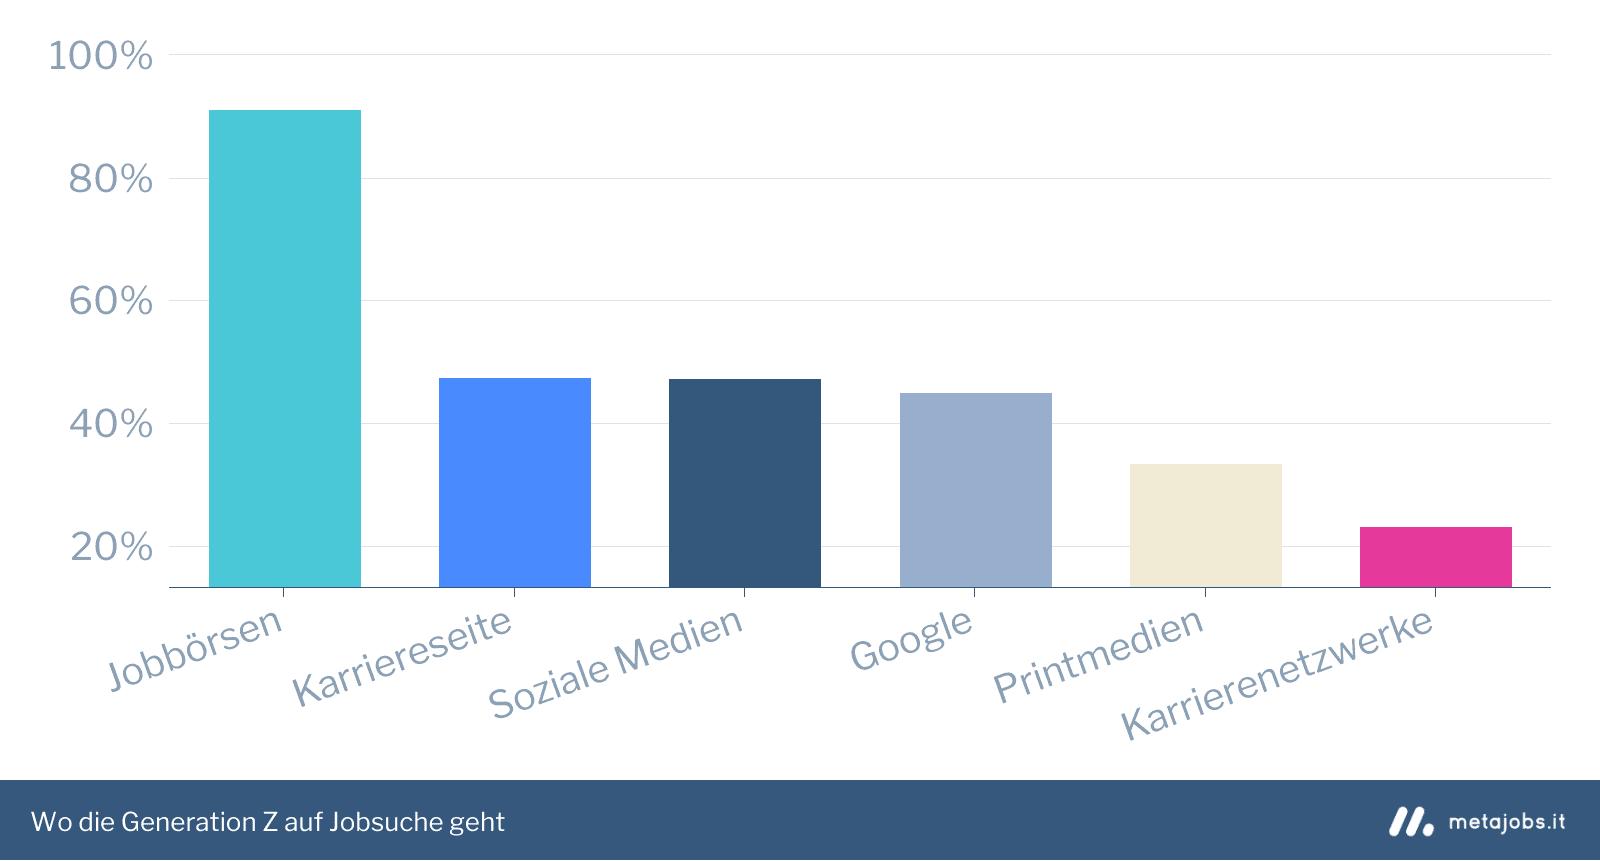 Beliebteste Informationskanäle bei der Jobsuche in der Generation Z Infografik